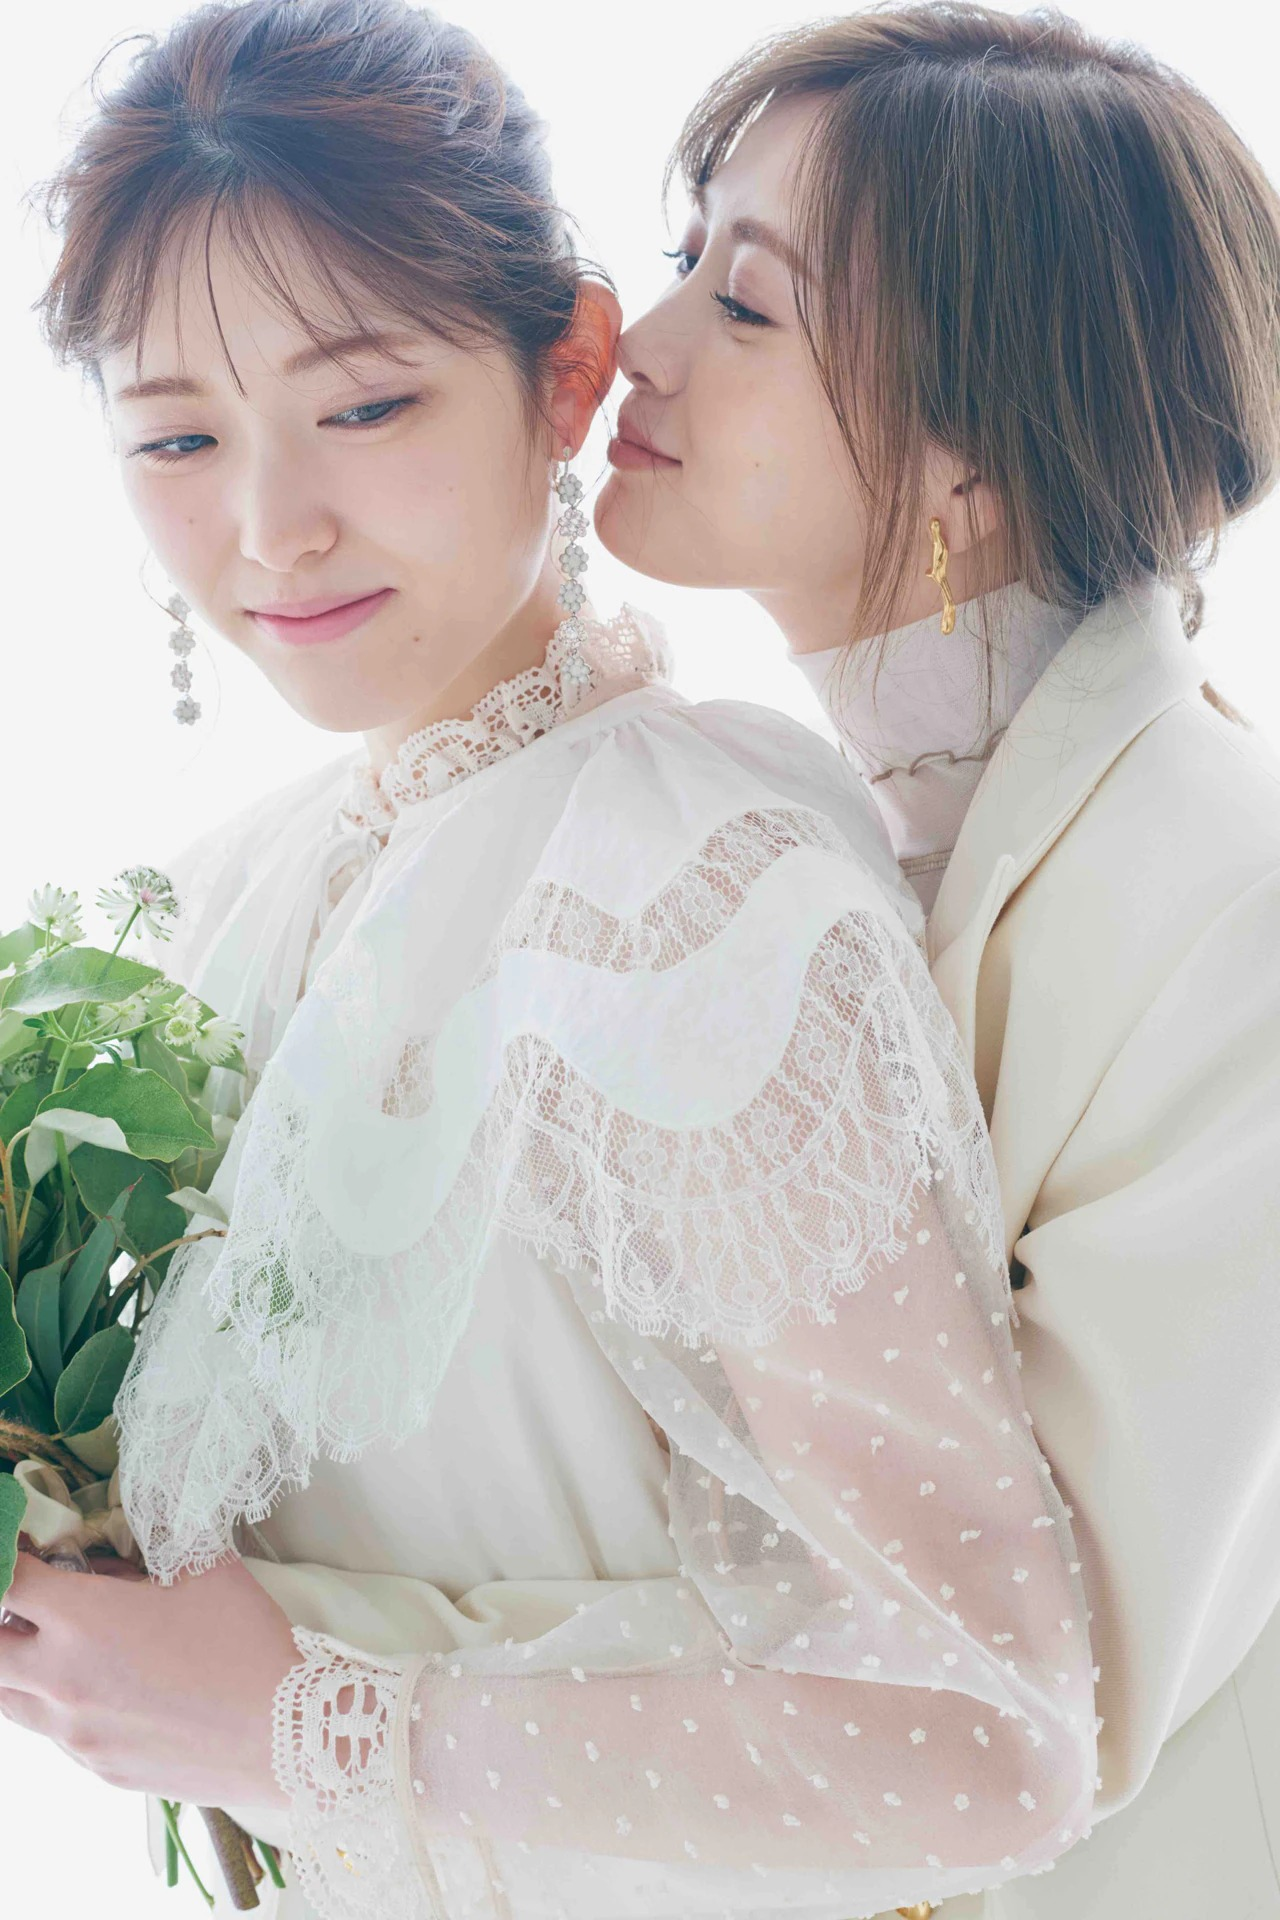 松村沙友理写真集 白石麻衣